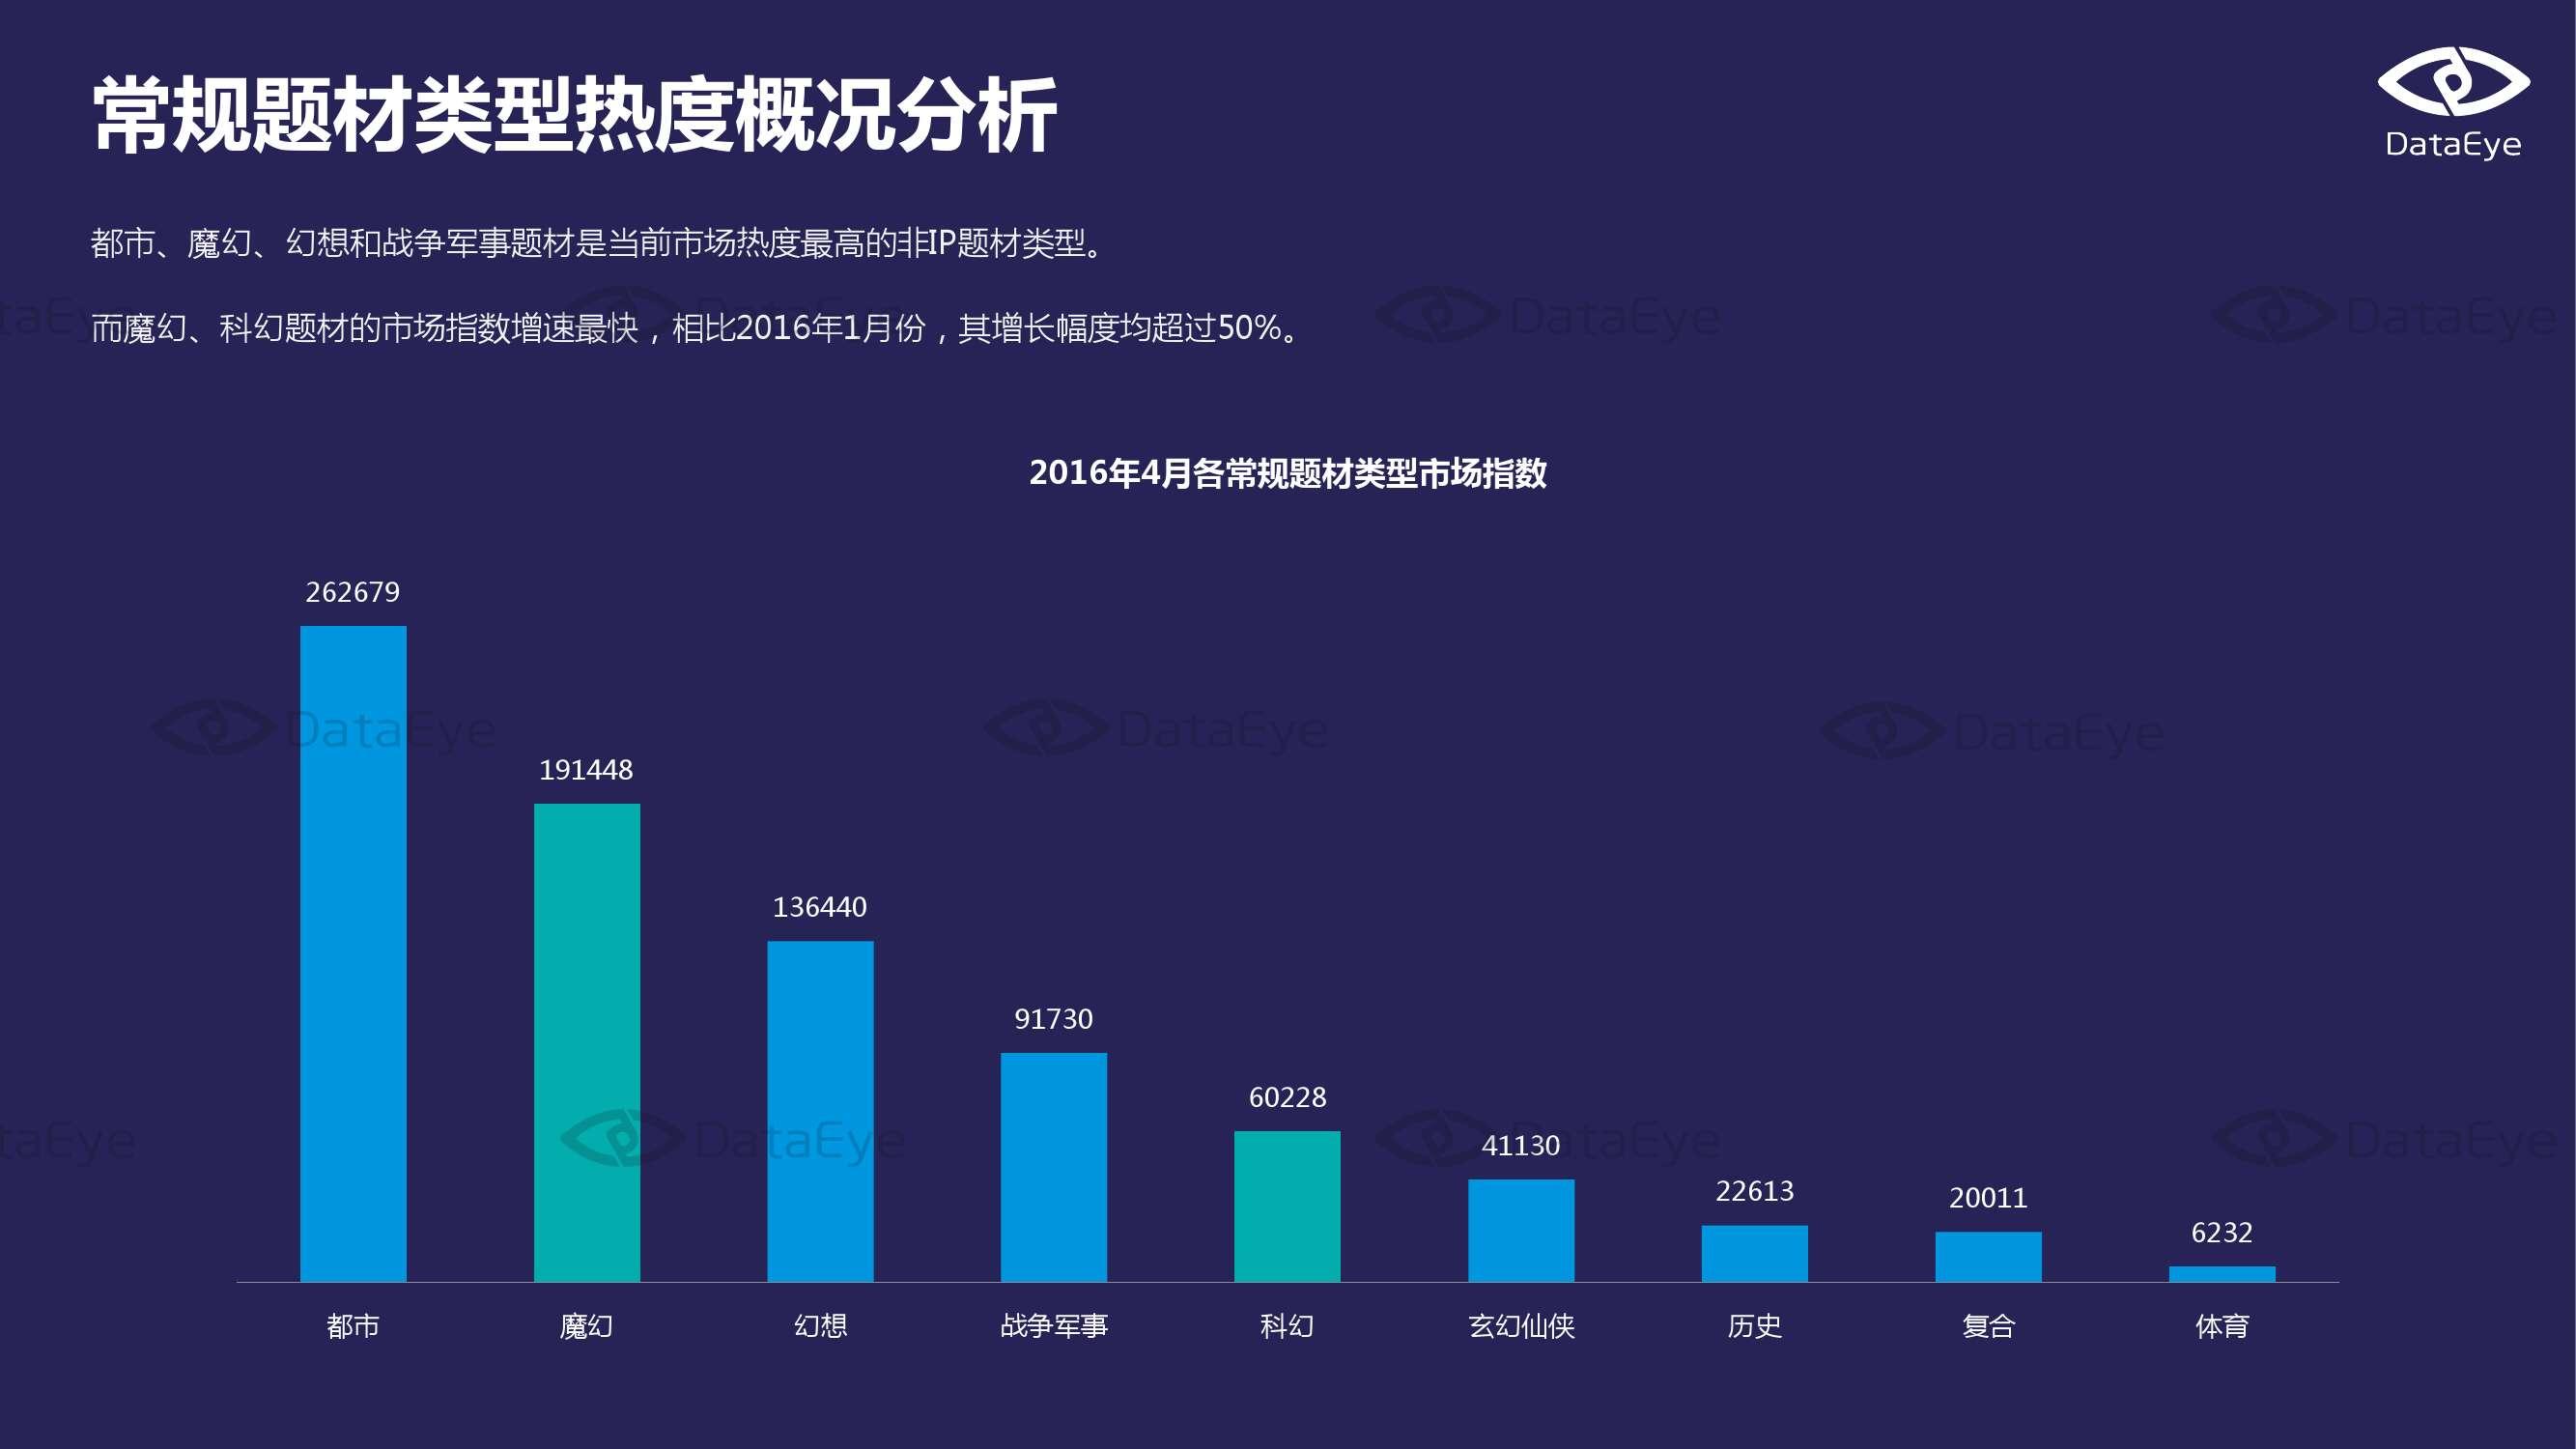 2016年4月国内手游市场指数报告_000011